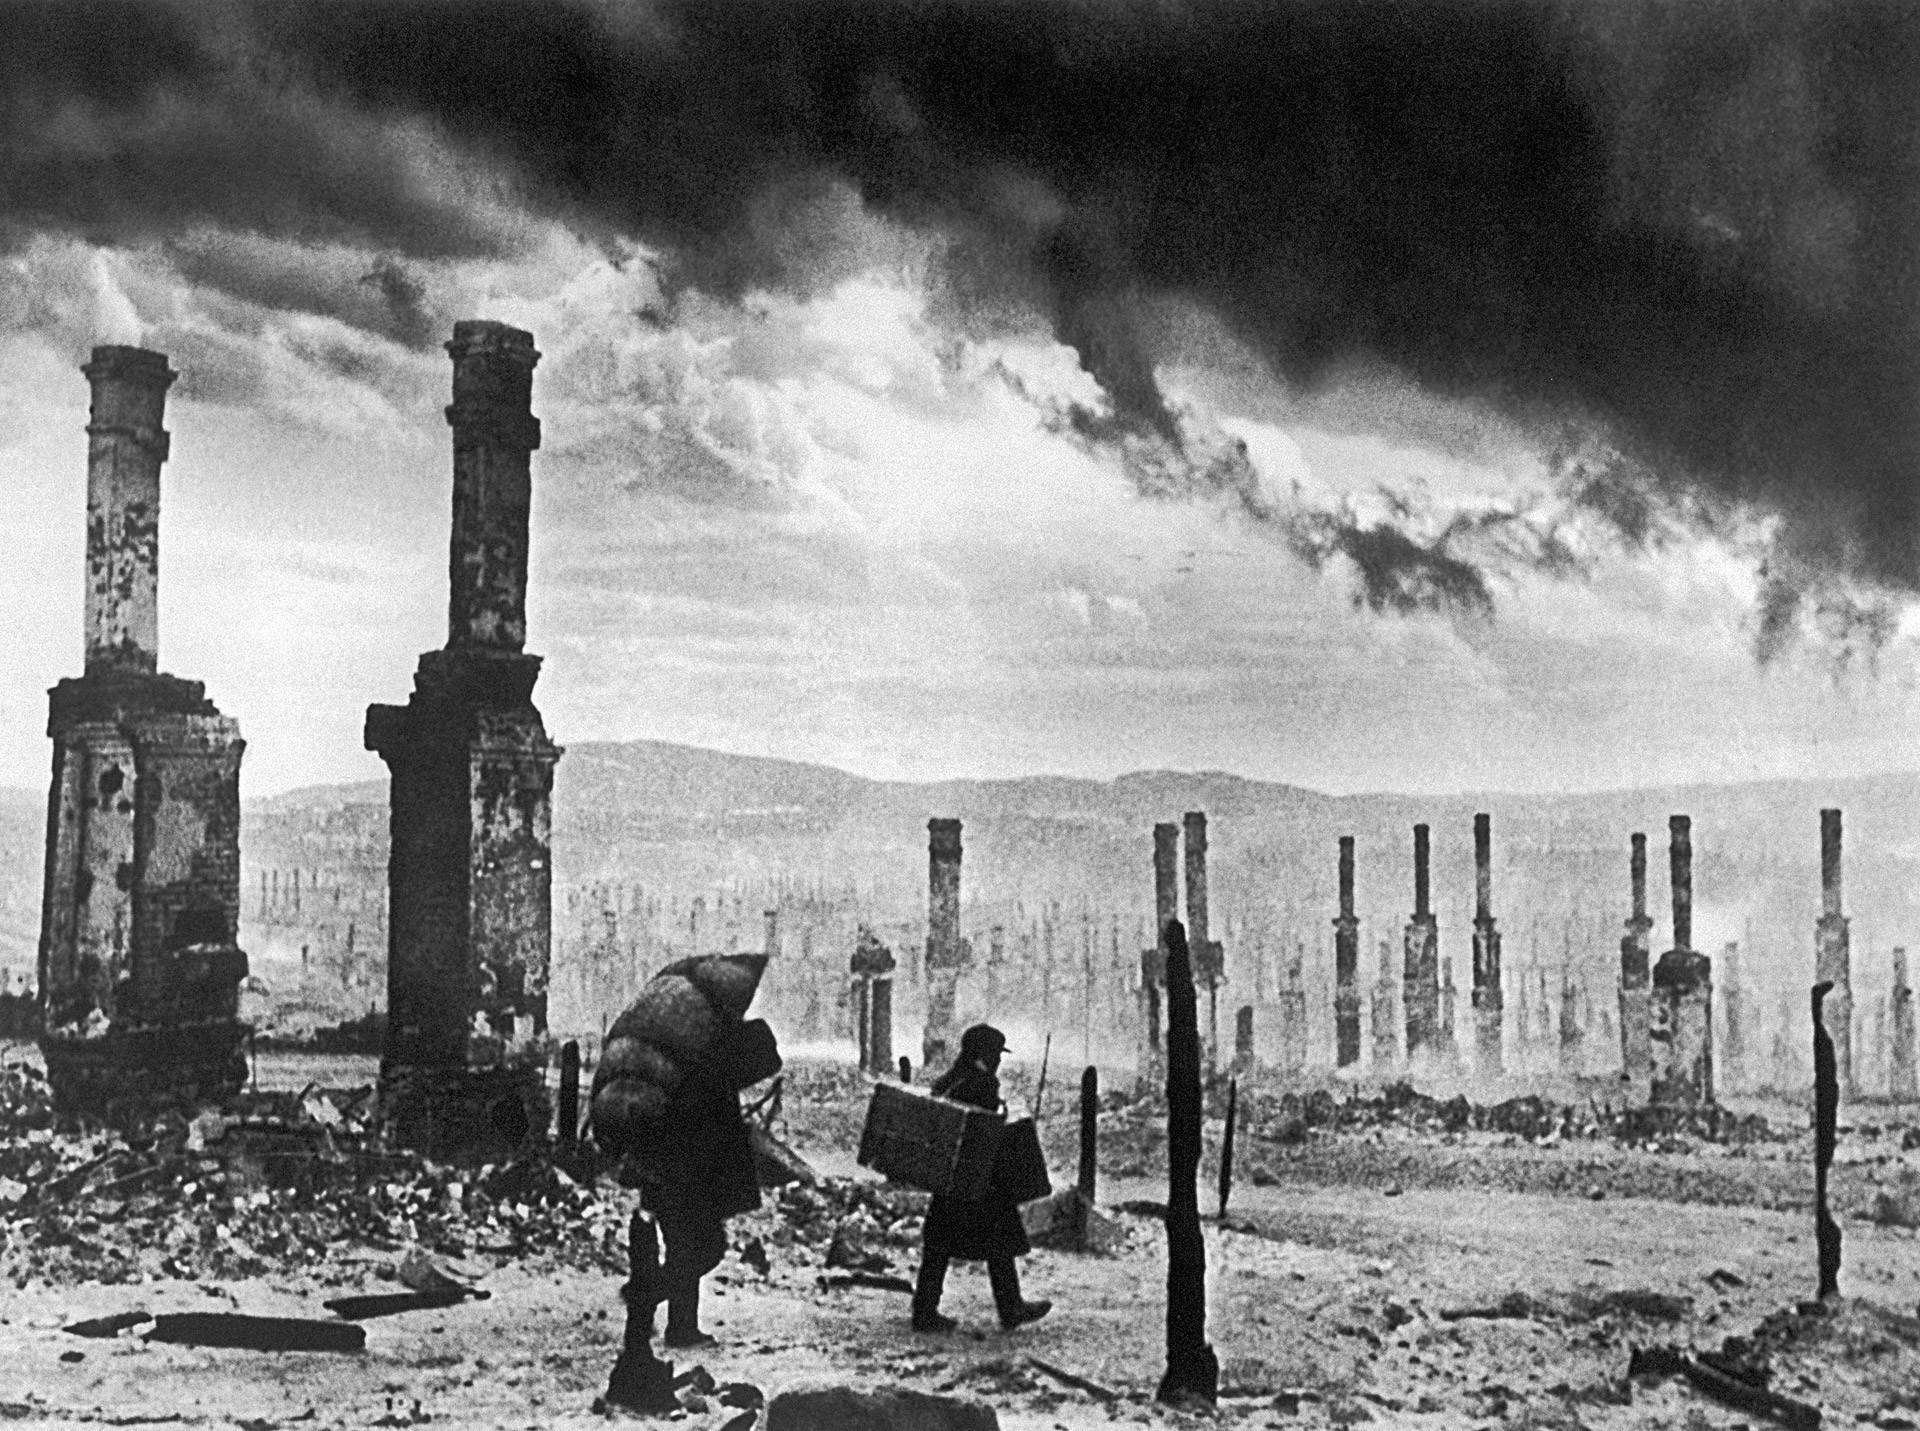 Ruševine Murmanska poslije Drugog svjetskog rata.